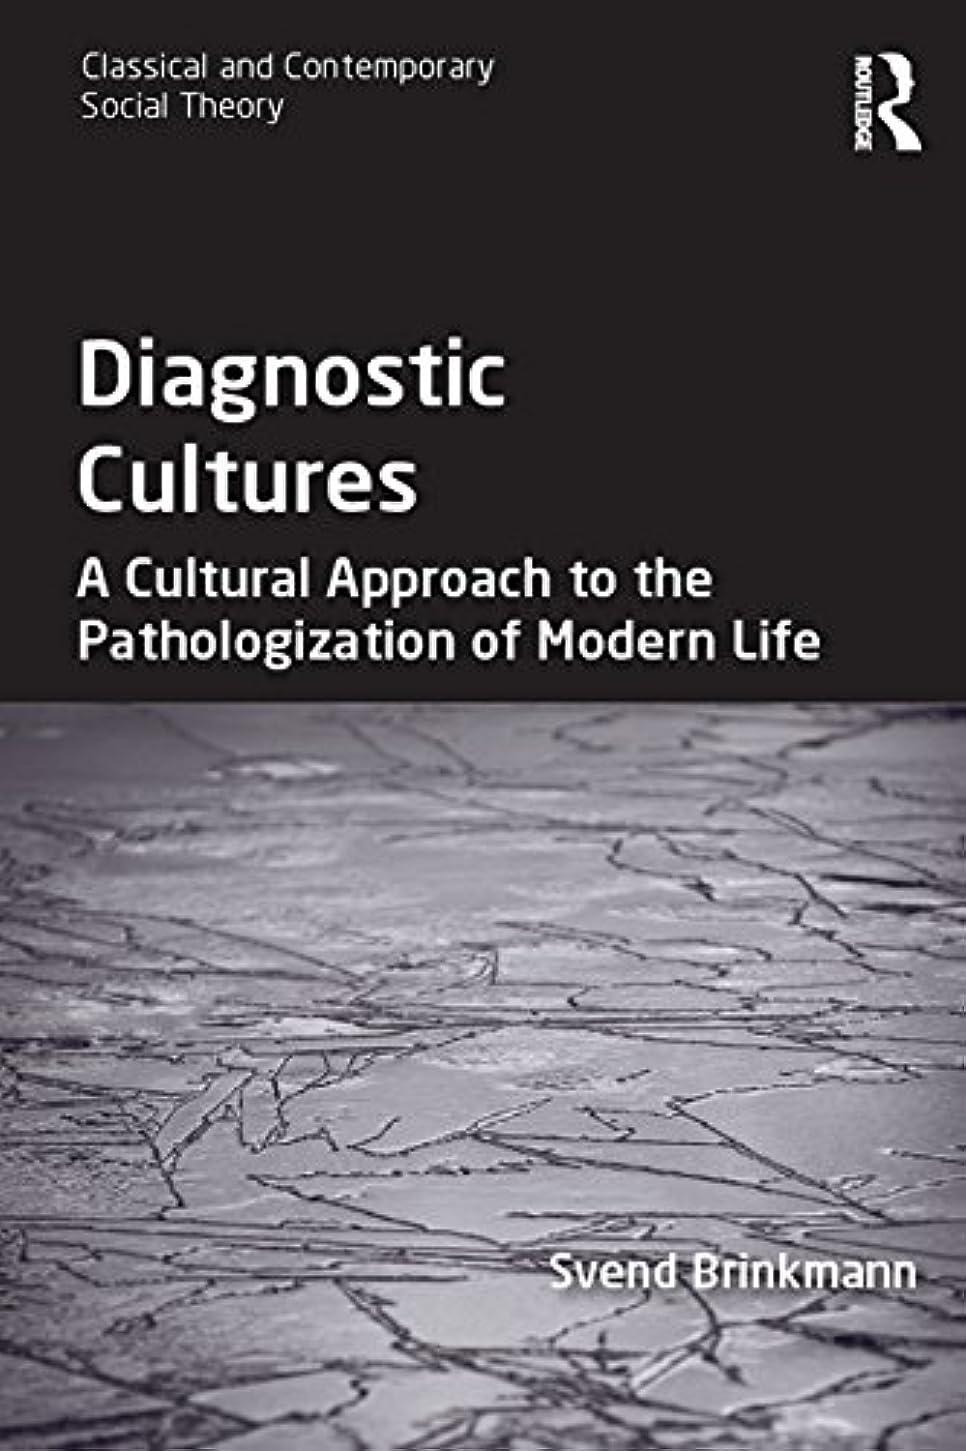 繁栄懇願するナンセンスDiagnostic Cultures: A Cultural Approach to the Pathologization of Modern Life (Classical and Contemporary Social Theory) (English Edition)